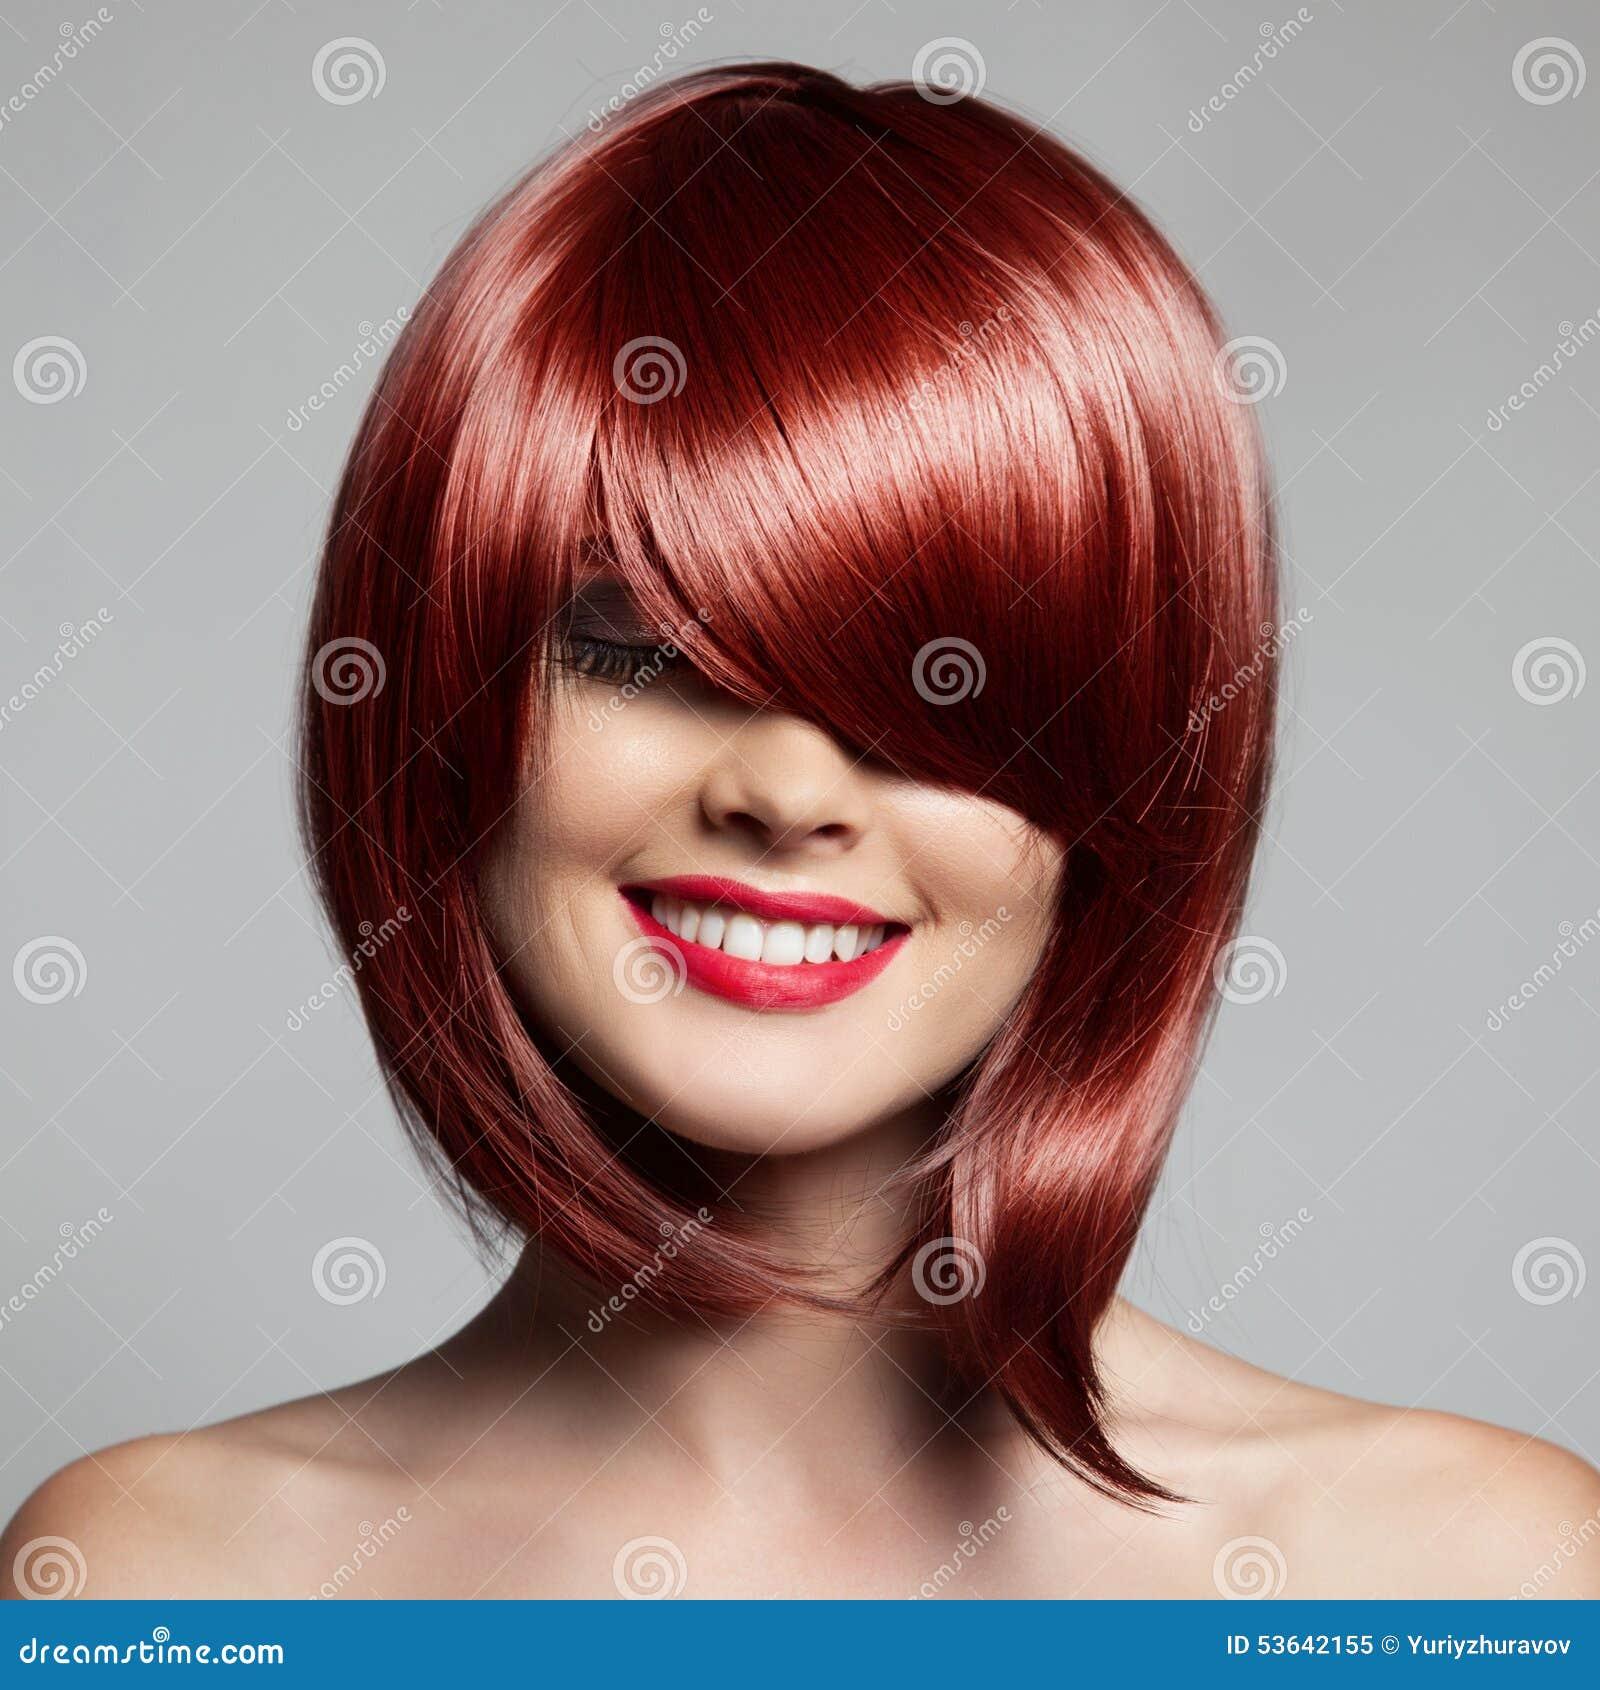 Coiffure Rouge De Femme De Cheveux Images libres de droits - Image ...